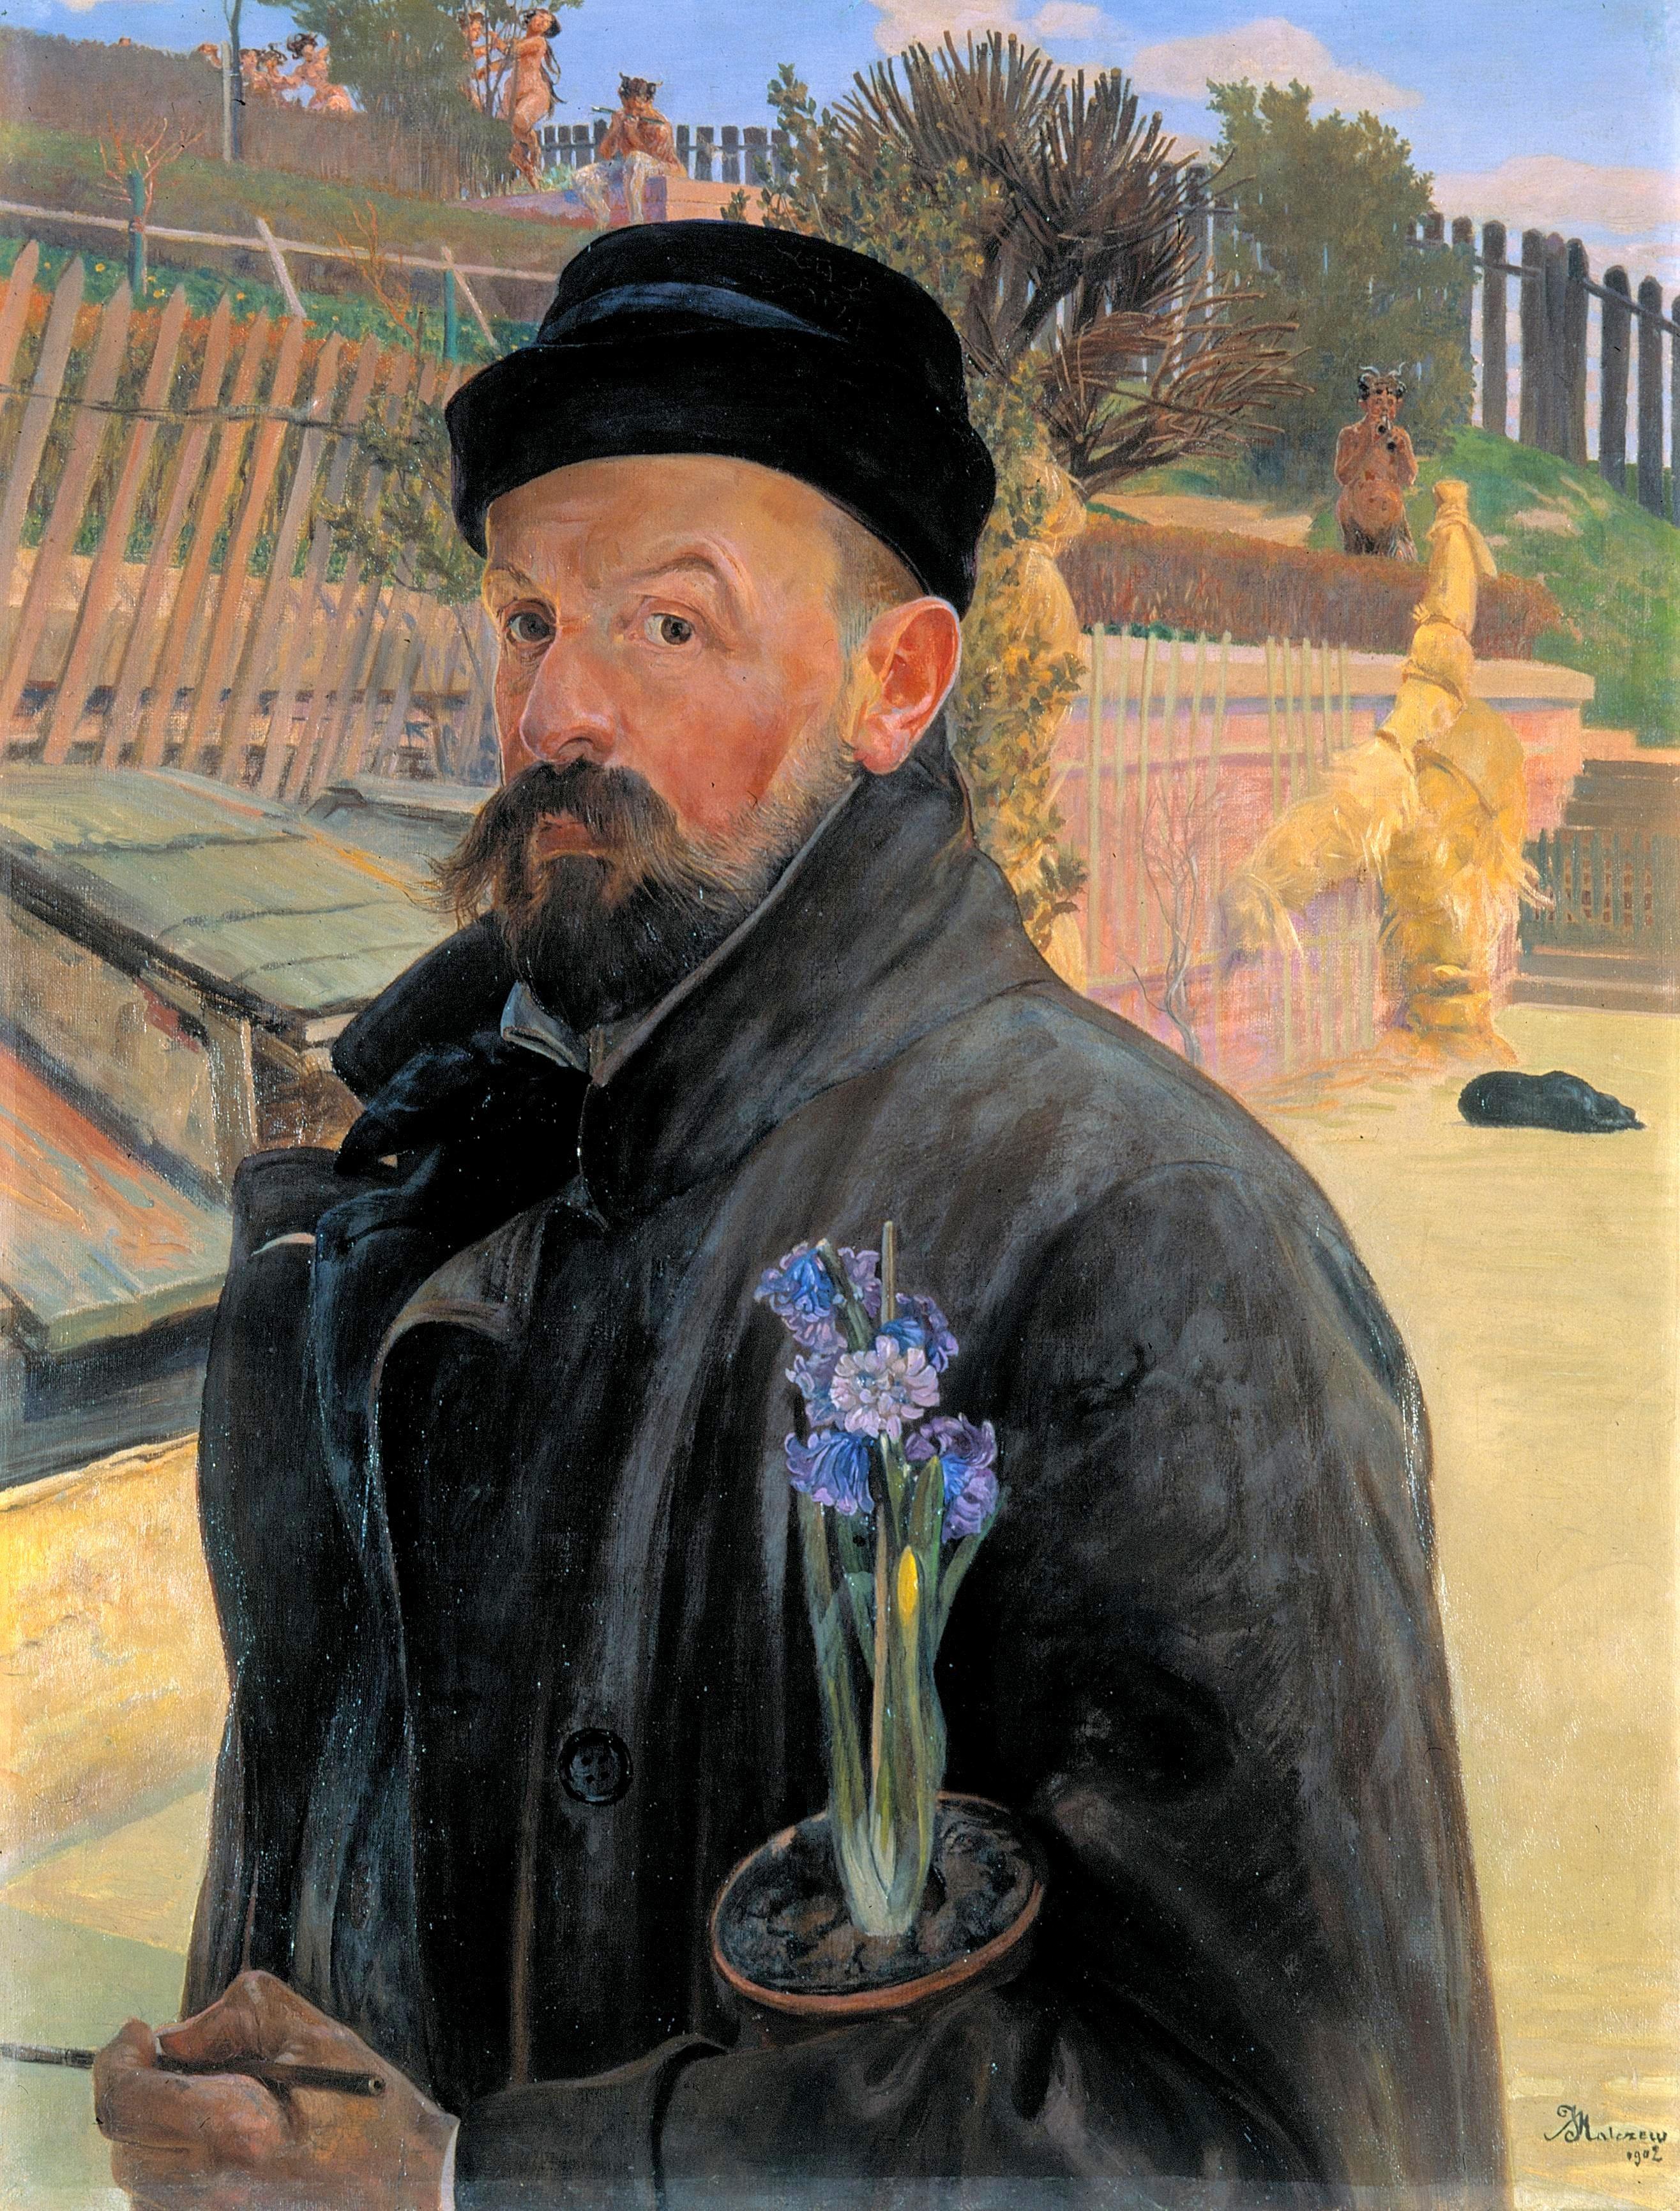 Fichier:Malczewski Jacek Autoportret z hiacyntem.jpg